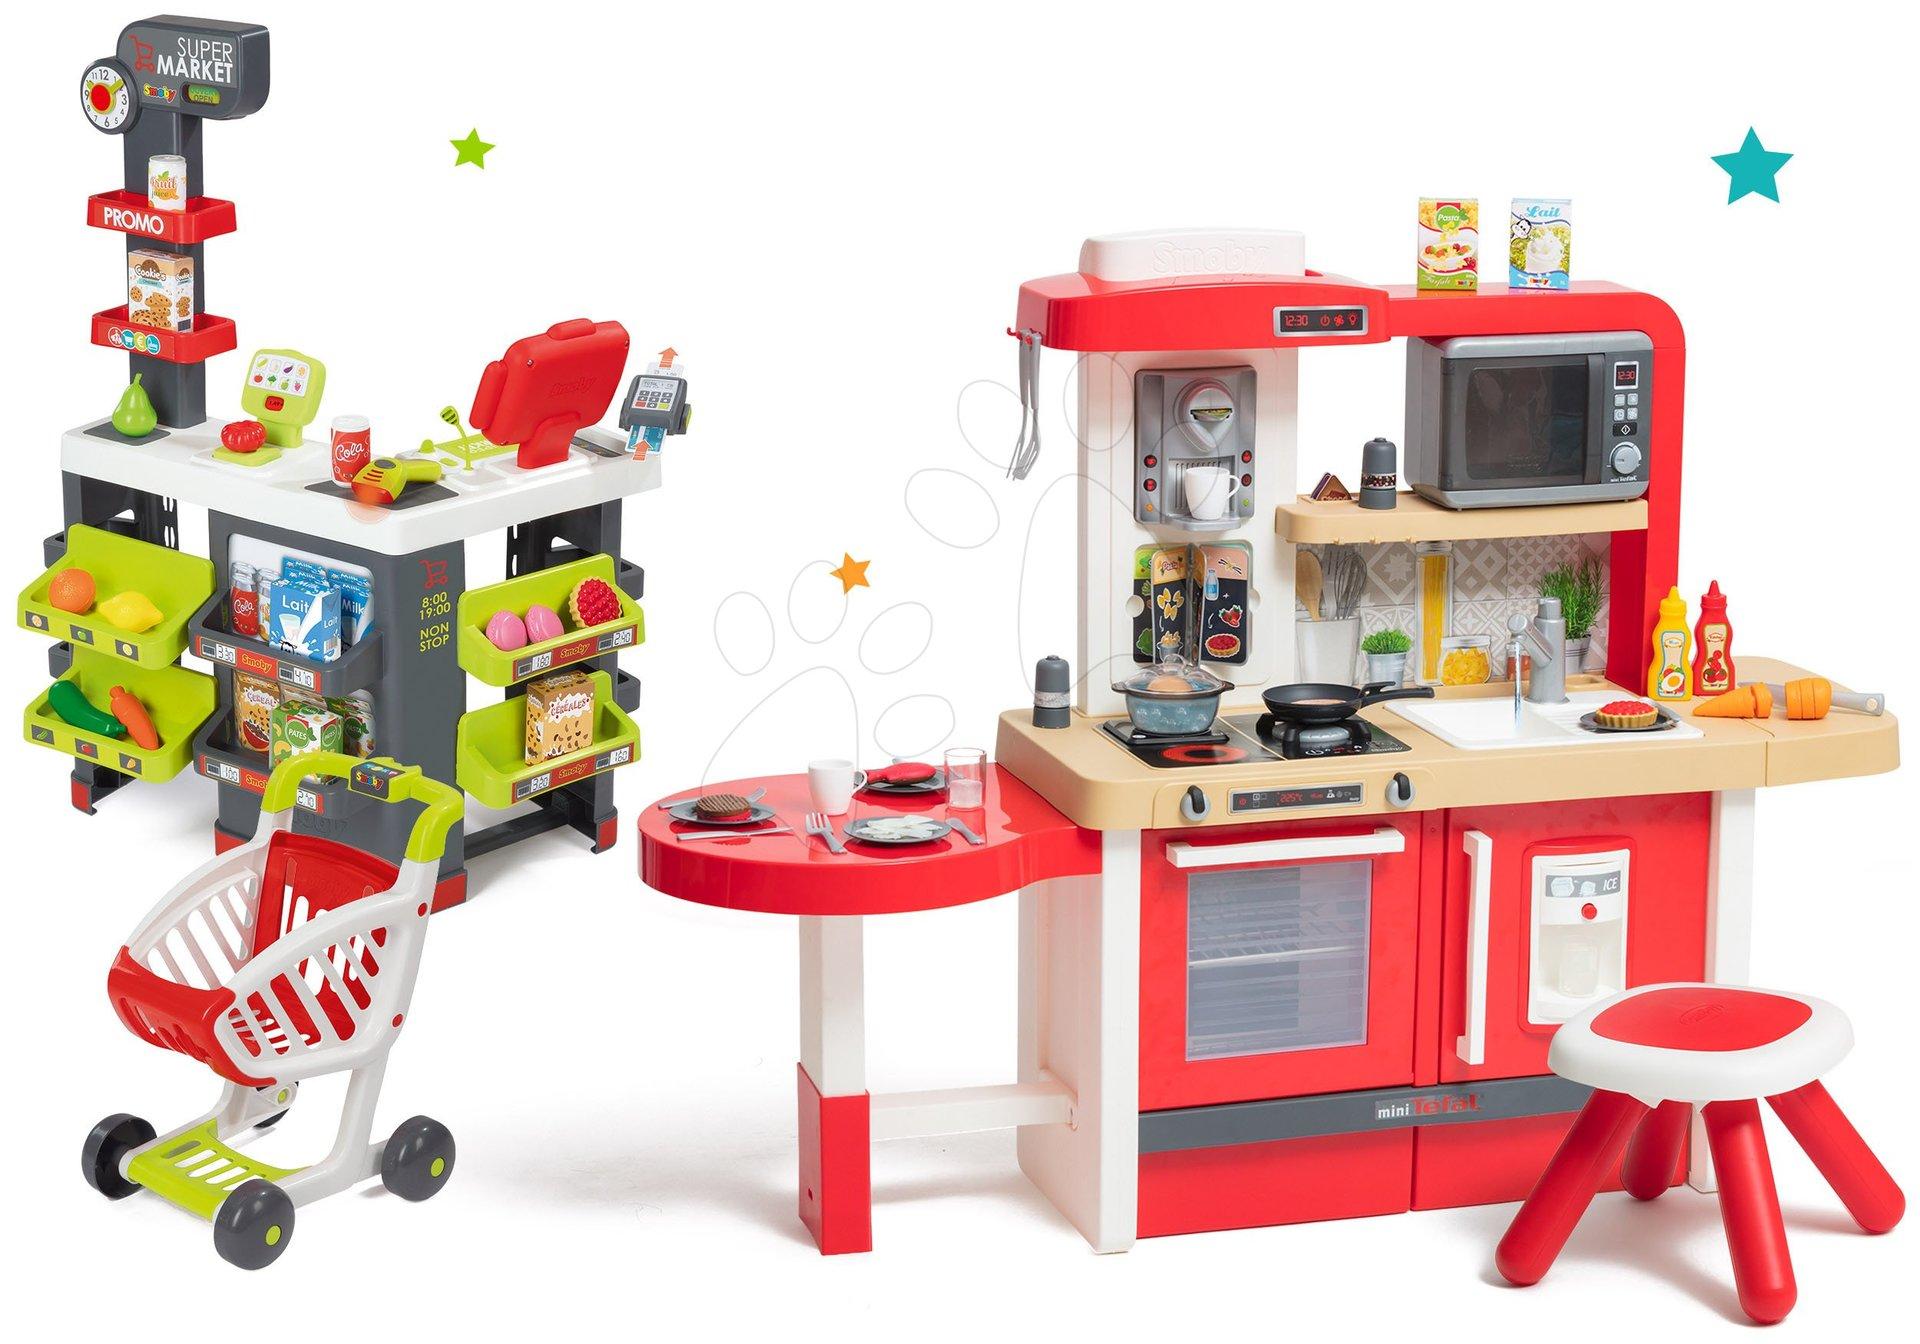 Set kuchynka rastúca s tečúcou vodou a mikrovlnkou Tefal Evolutive Smoby a obchod s vozíkom Supermarket